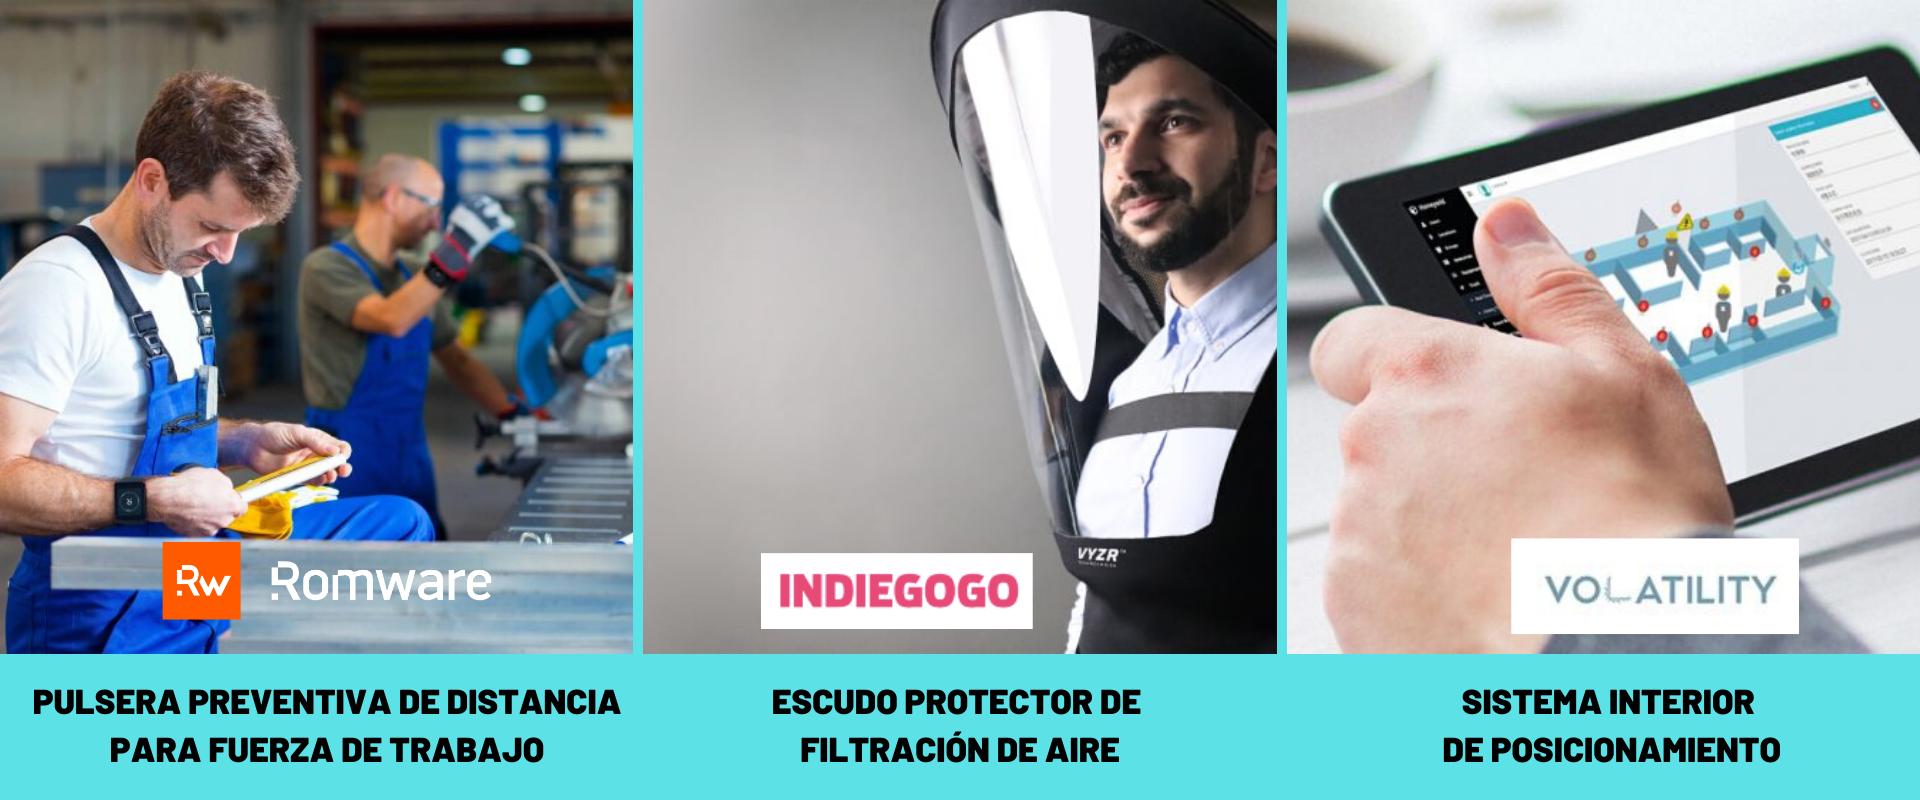 Innovaciones_Covid19